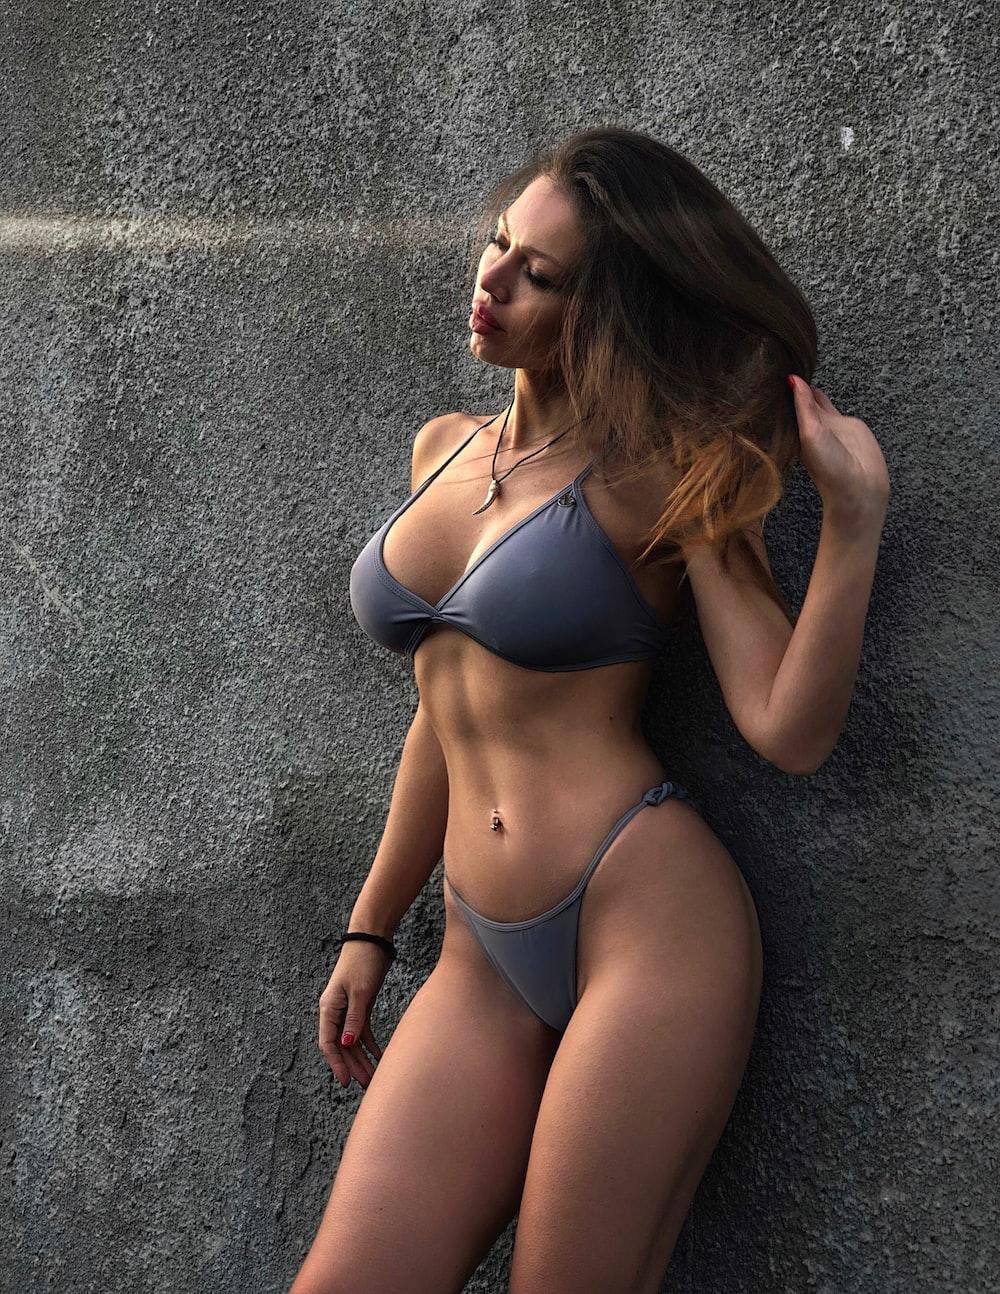 Bikinis wet girls in 30 Hilariously